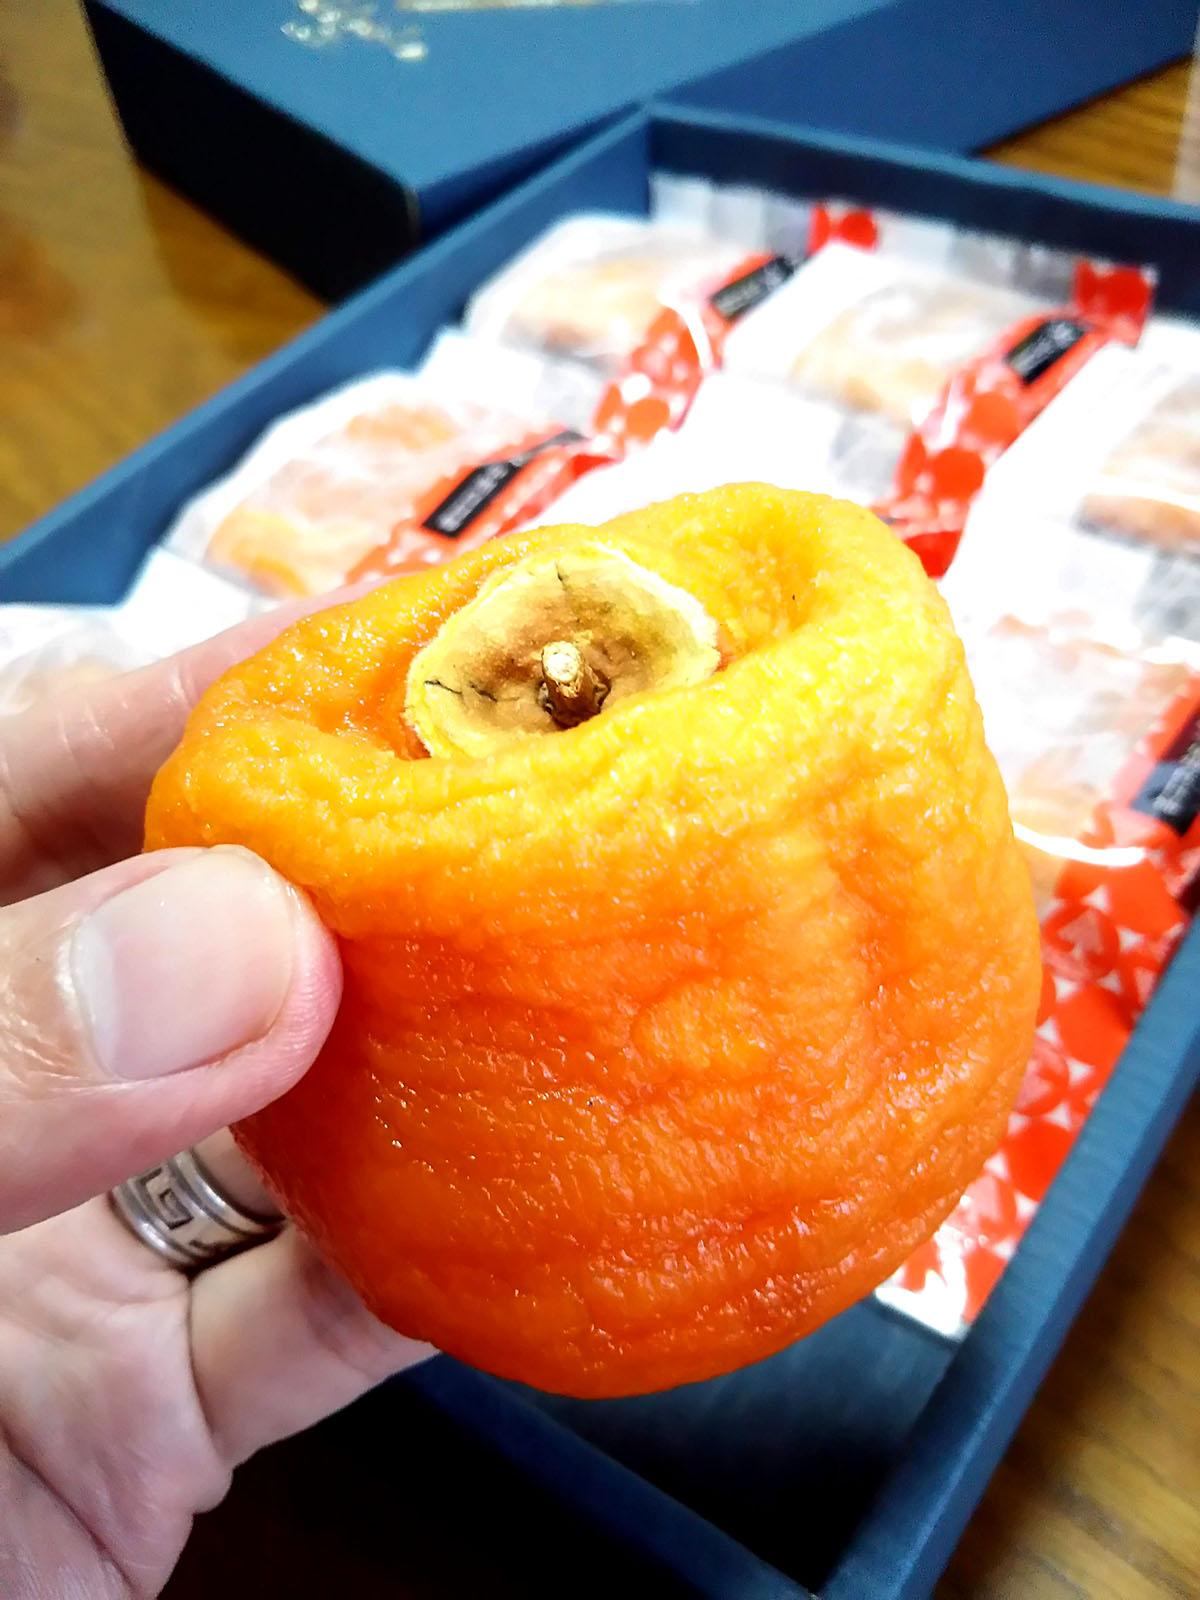 マルサフルーツ古屋農園のあんぽ柿をいただきました